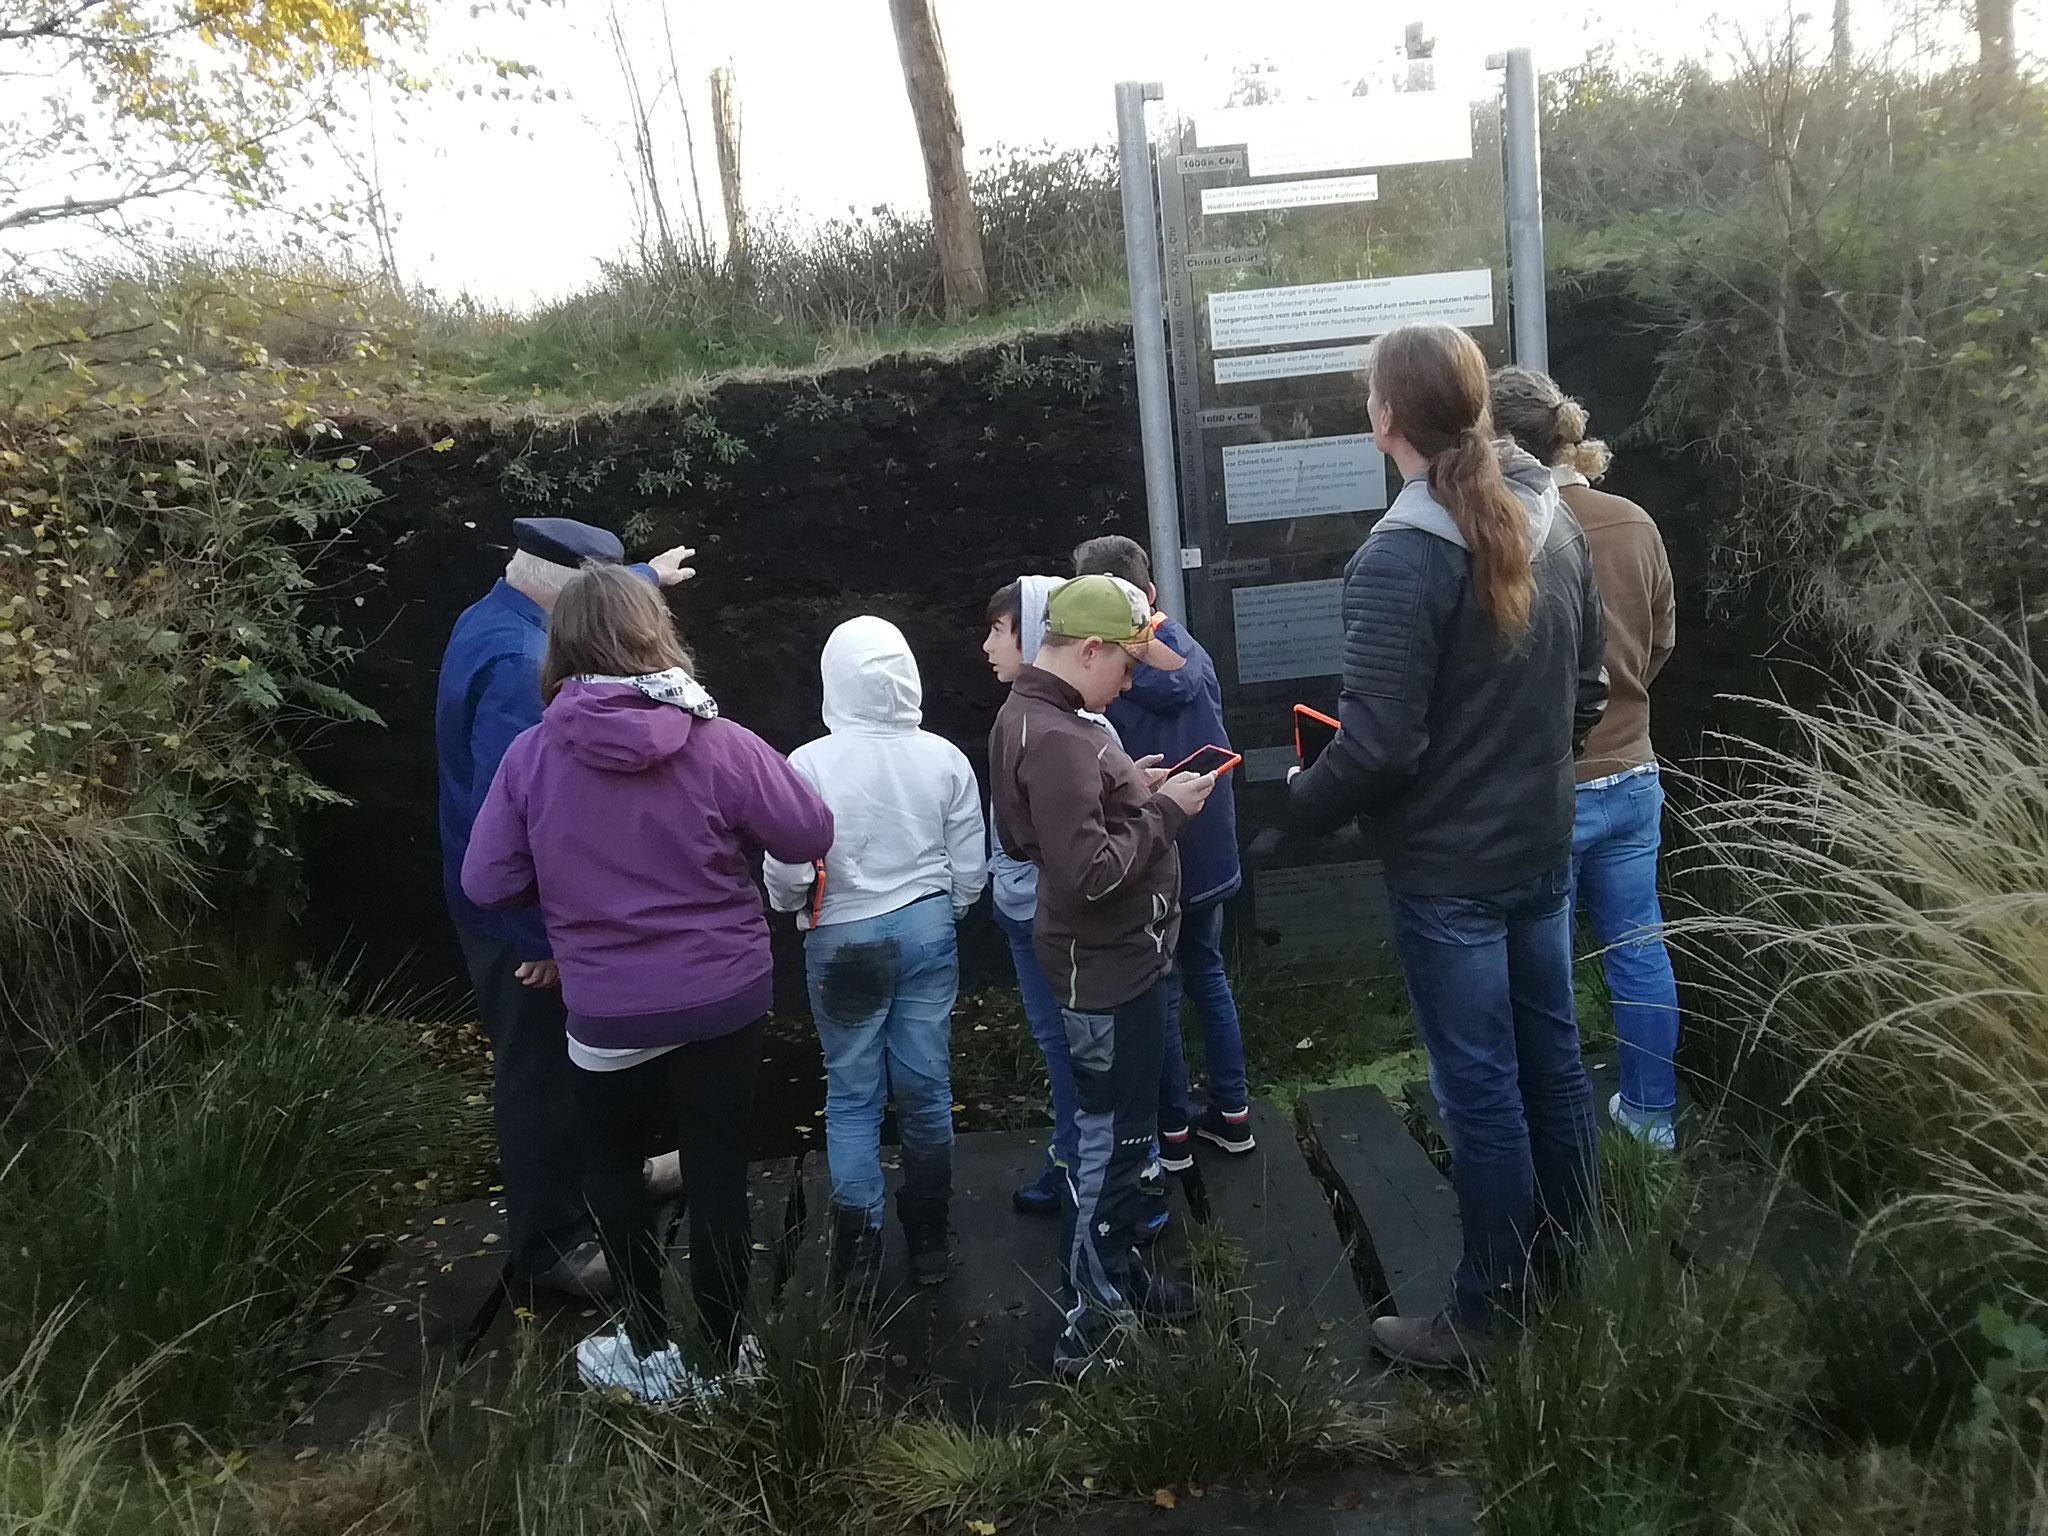 Herr Wehmhoff hat uns durch das Moor geführt - zur Hörstation bitte auf das Bild klicken!